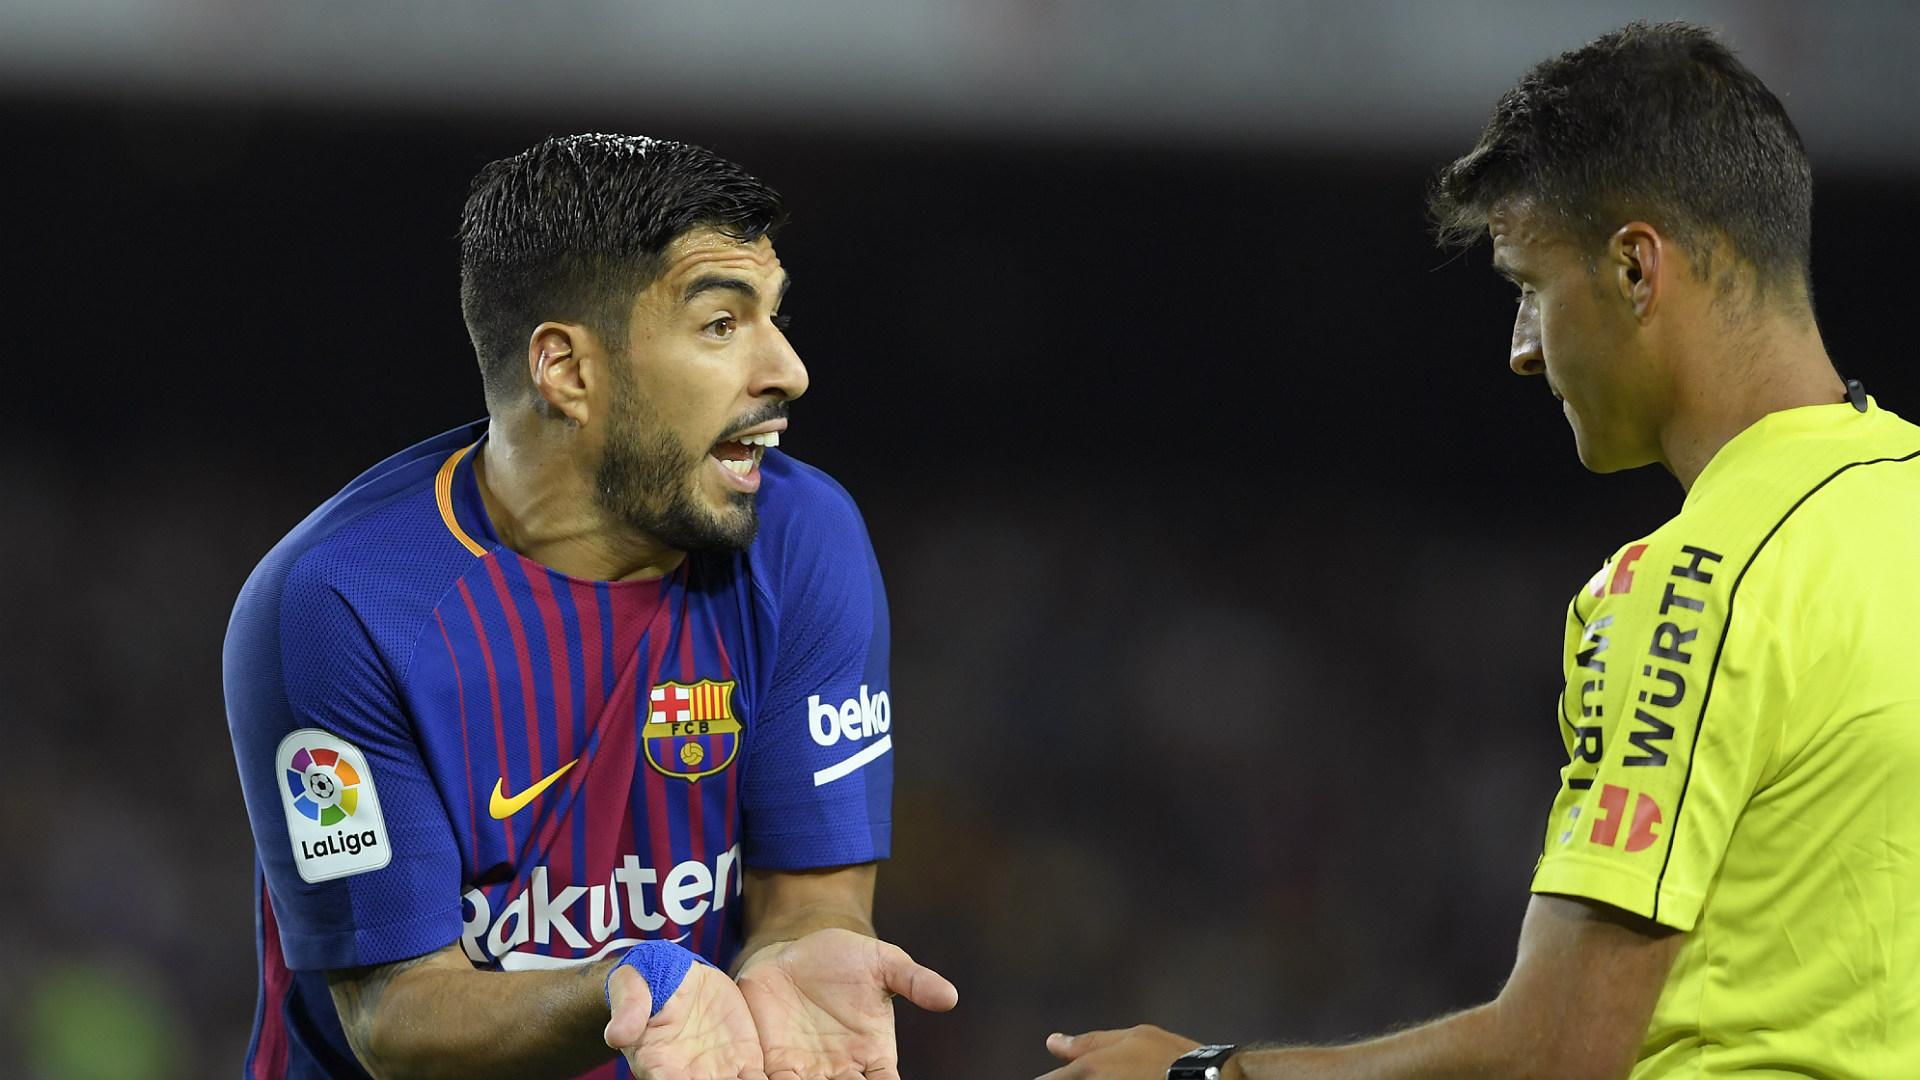 Barcelona v Espanyol - story of the match